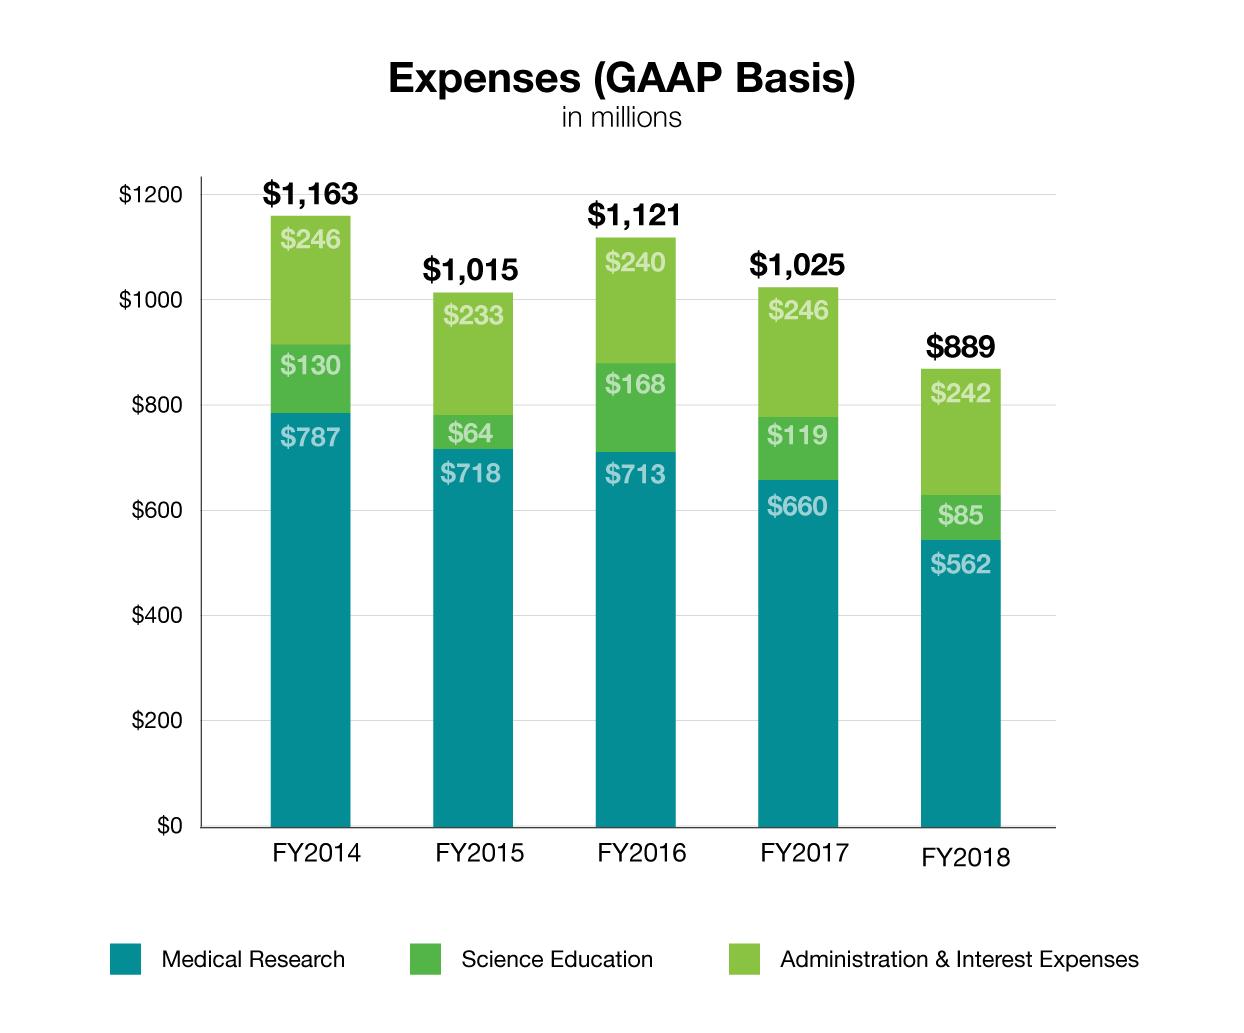 HHMI expenses, 2018